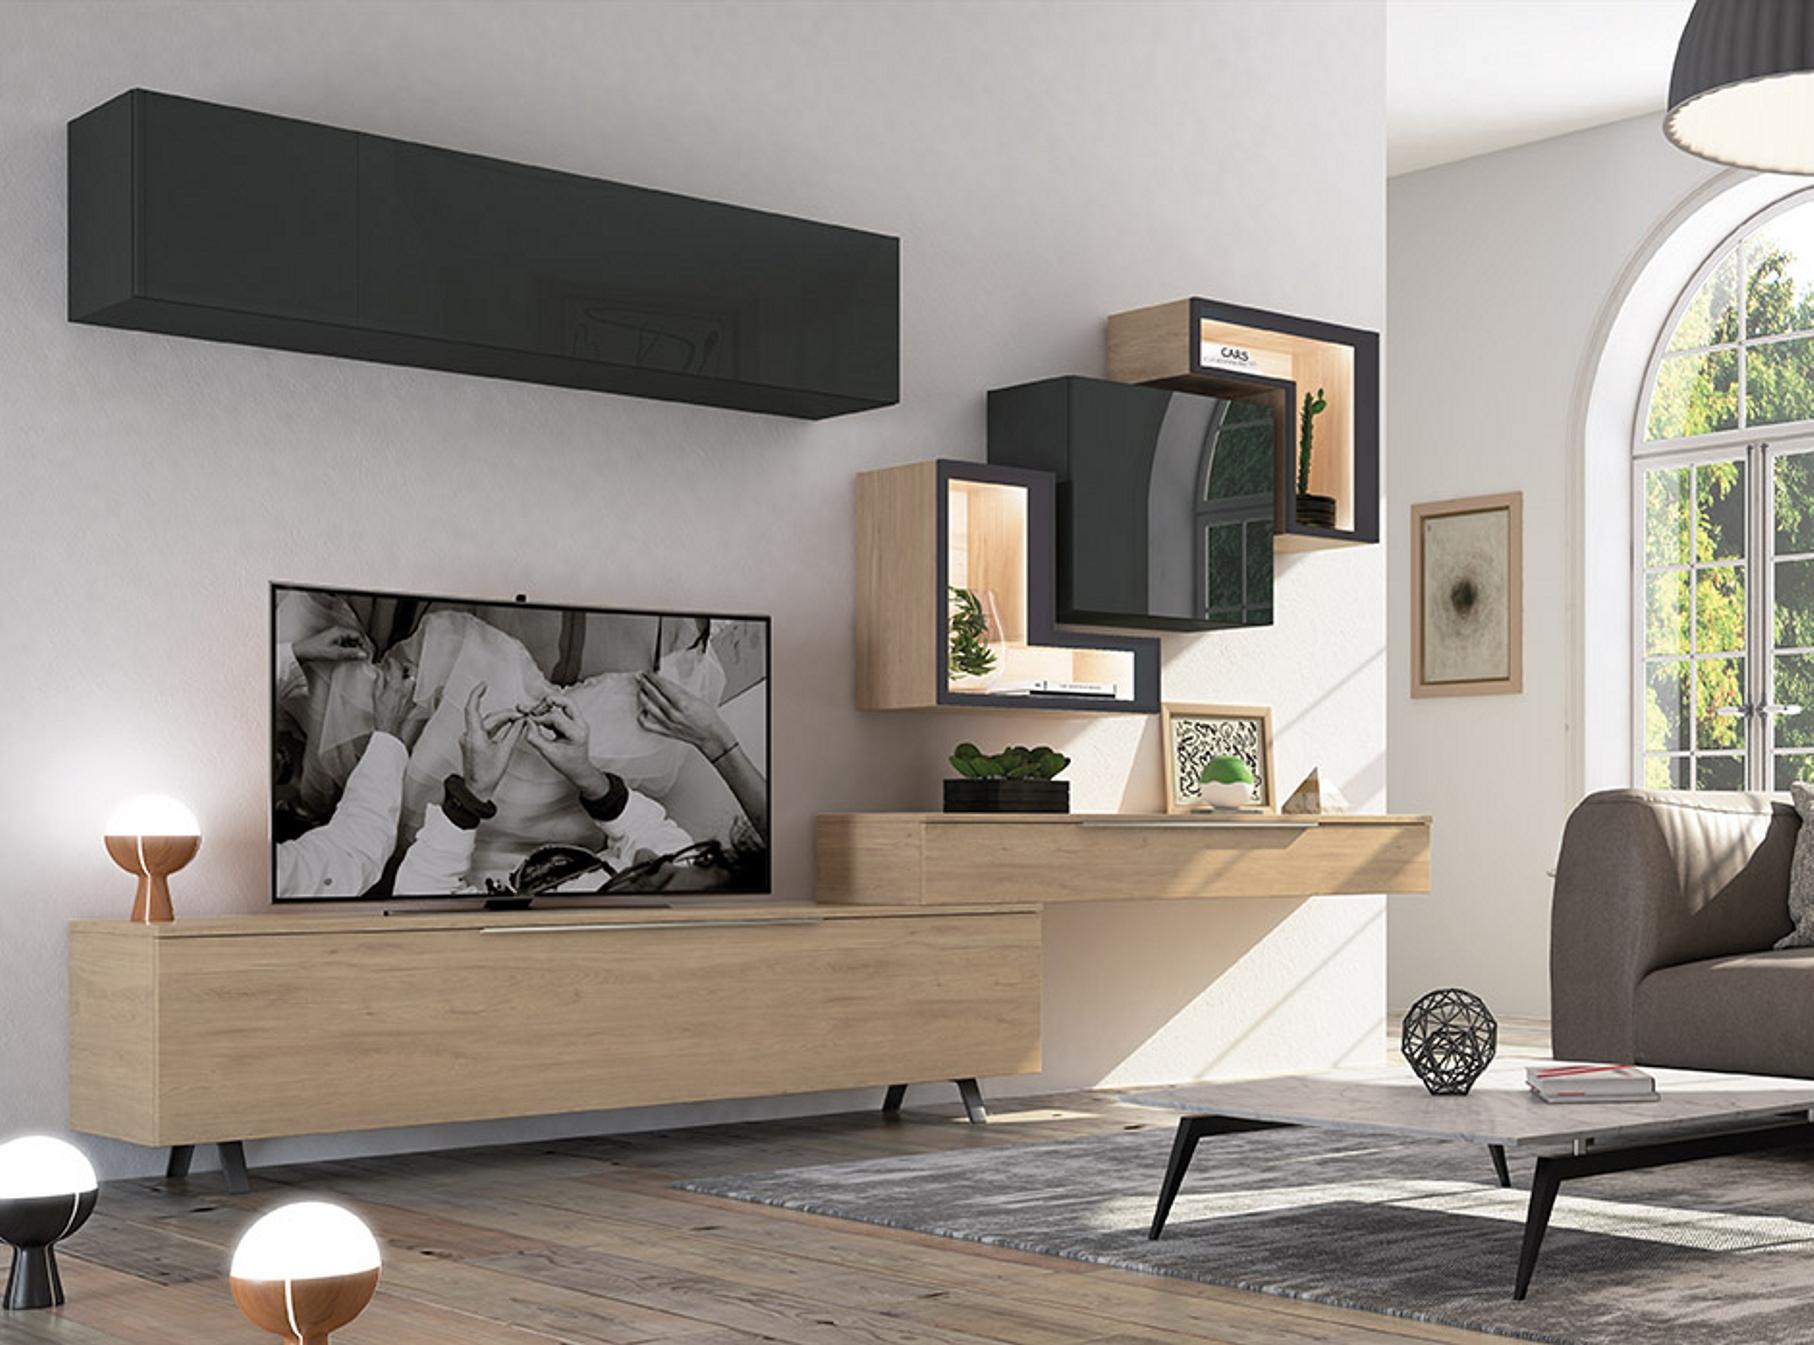 salon-moderno-Zion-3.0-muebles-paco-caballero-0907-5c8d32d451888